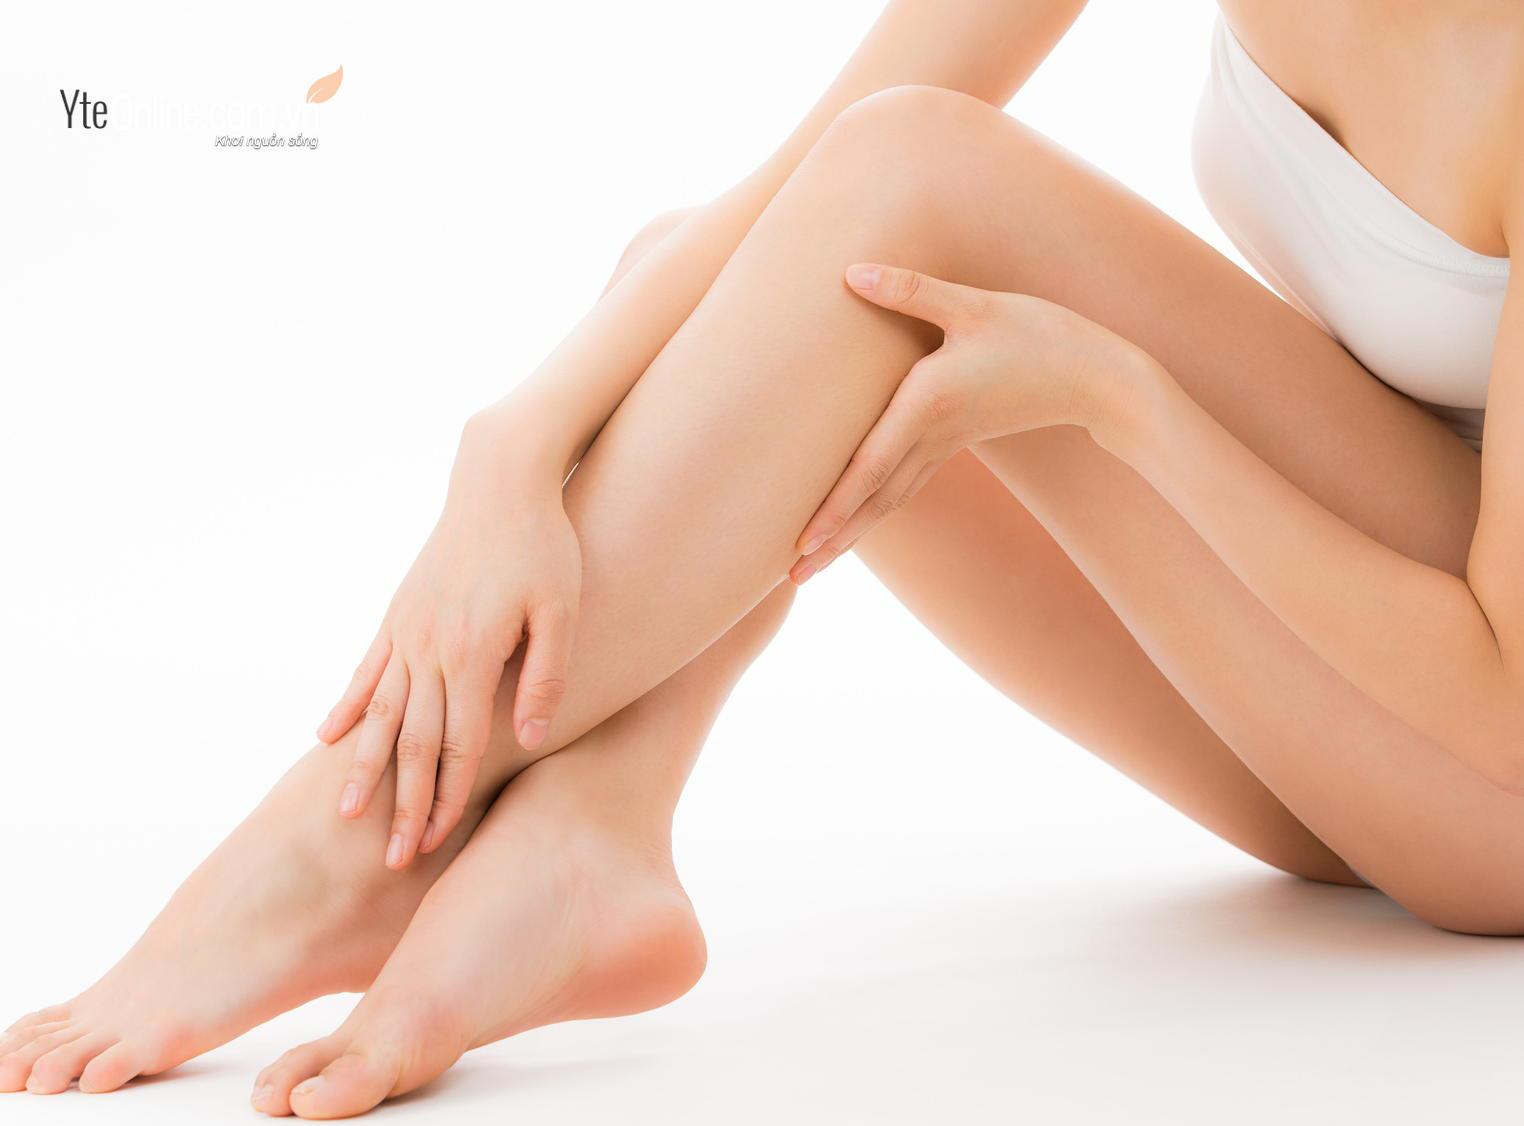 Ngâm chân có giúp giảm mỡ bắp chân không?